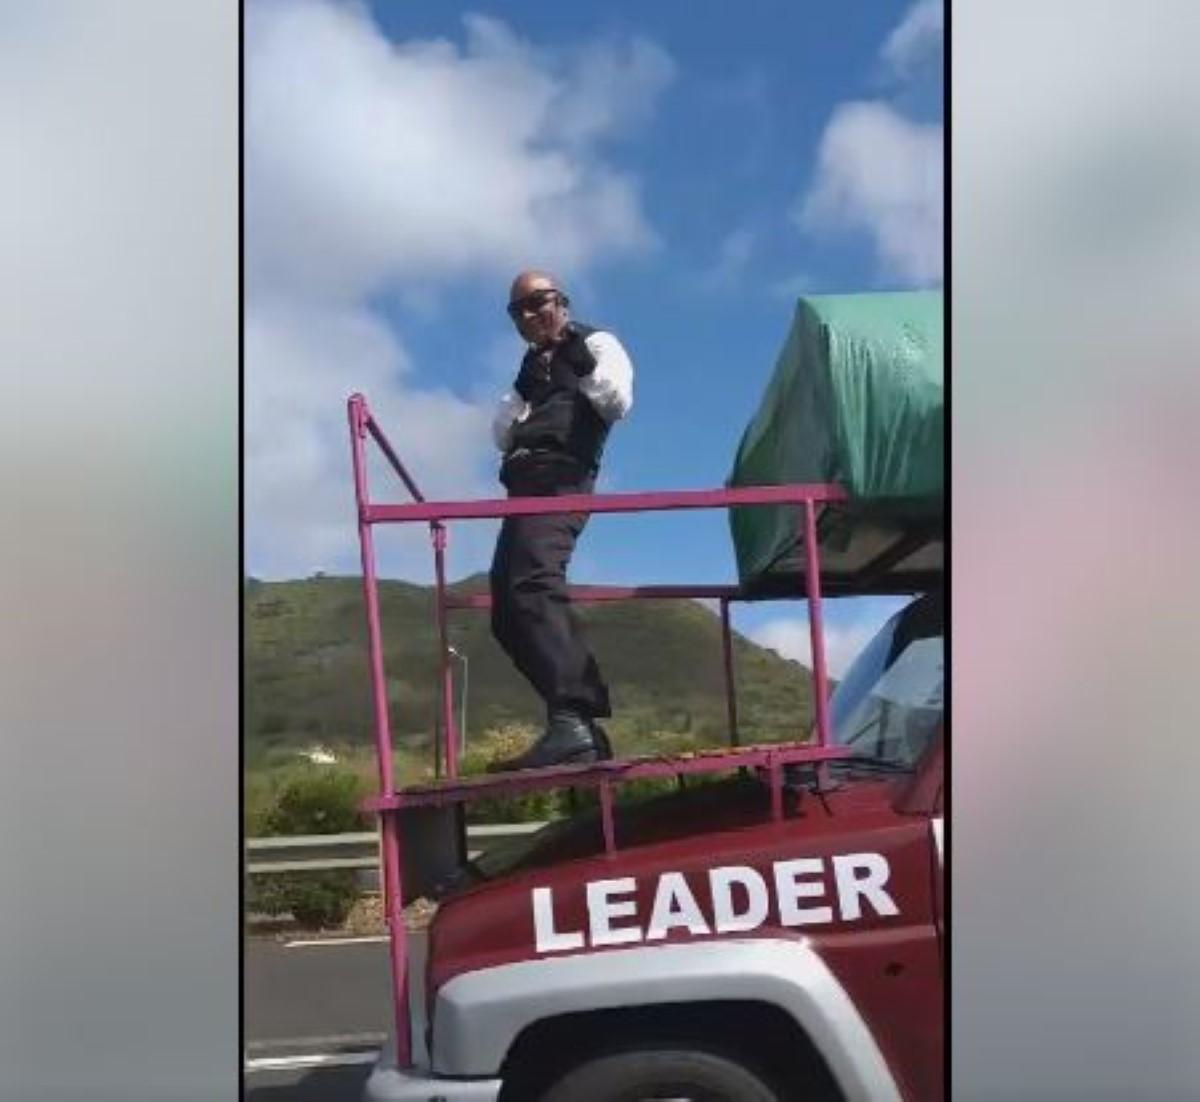 ▶️ Les pitreries de Monsieur Malin sur l'autoroute ne font pas rire